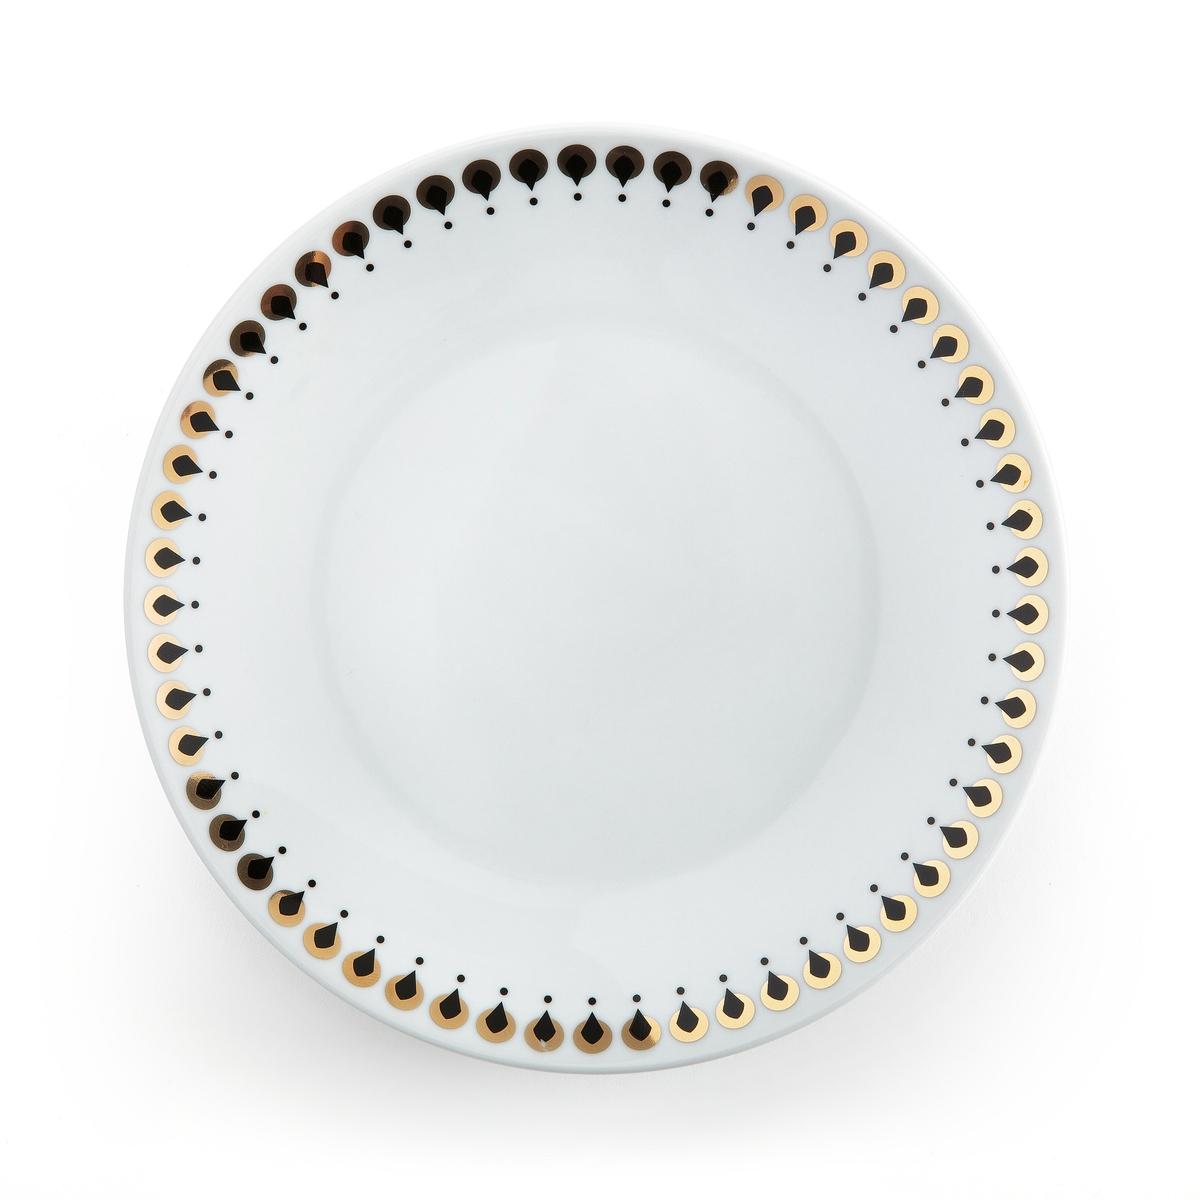 Комплект из десертных тарелок La Redoute MELLAH единый размер белый комплект из 4 десертных тарелок sam baron